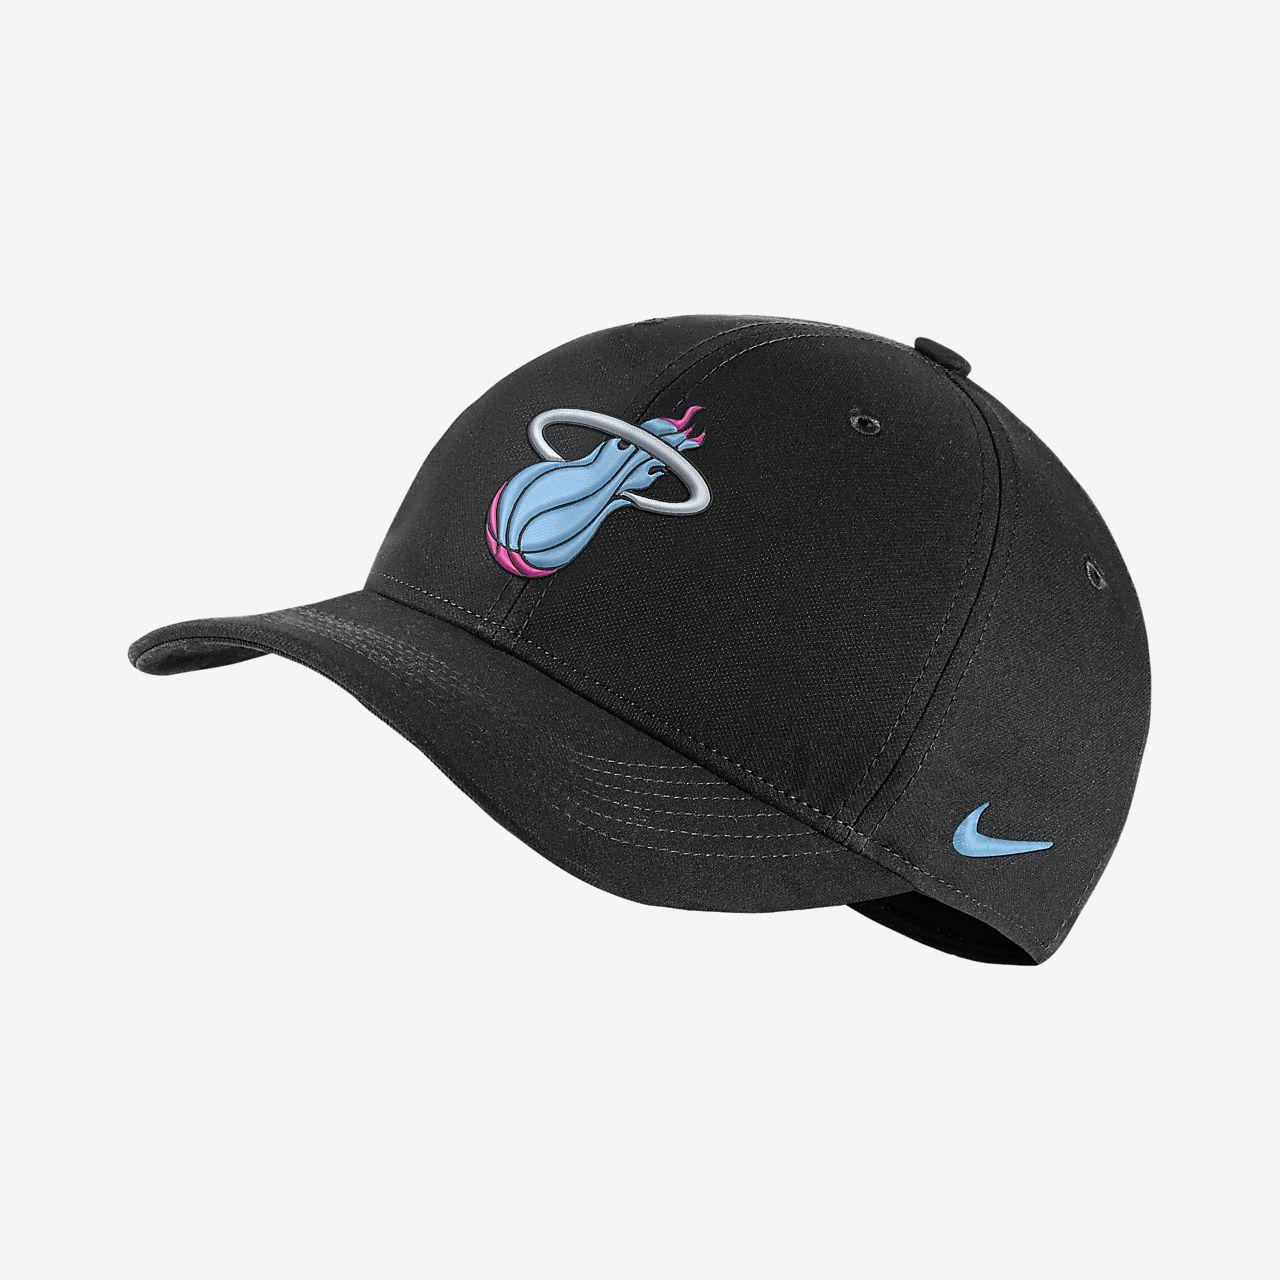 5b9cb55d34f65 Miami Heat City Edition Nike AeroBill Classic99 NBA Hat. Nike.com ID